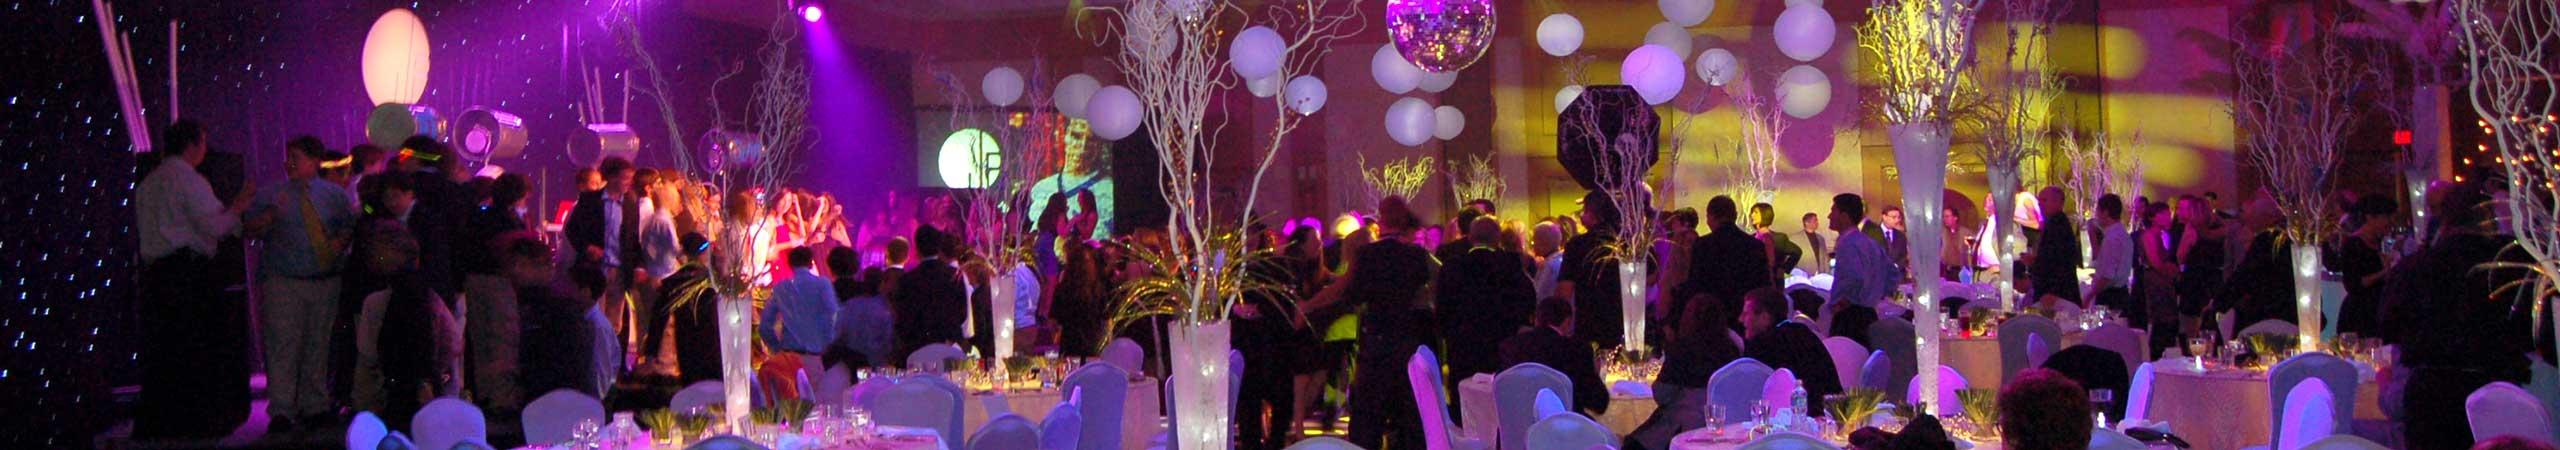 Jacksonville, FL Event Parties